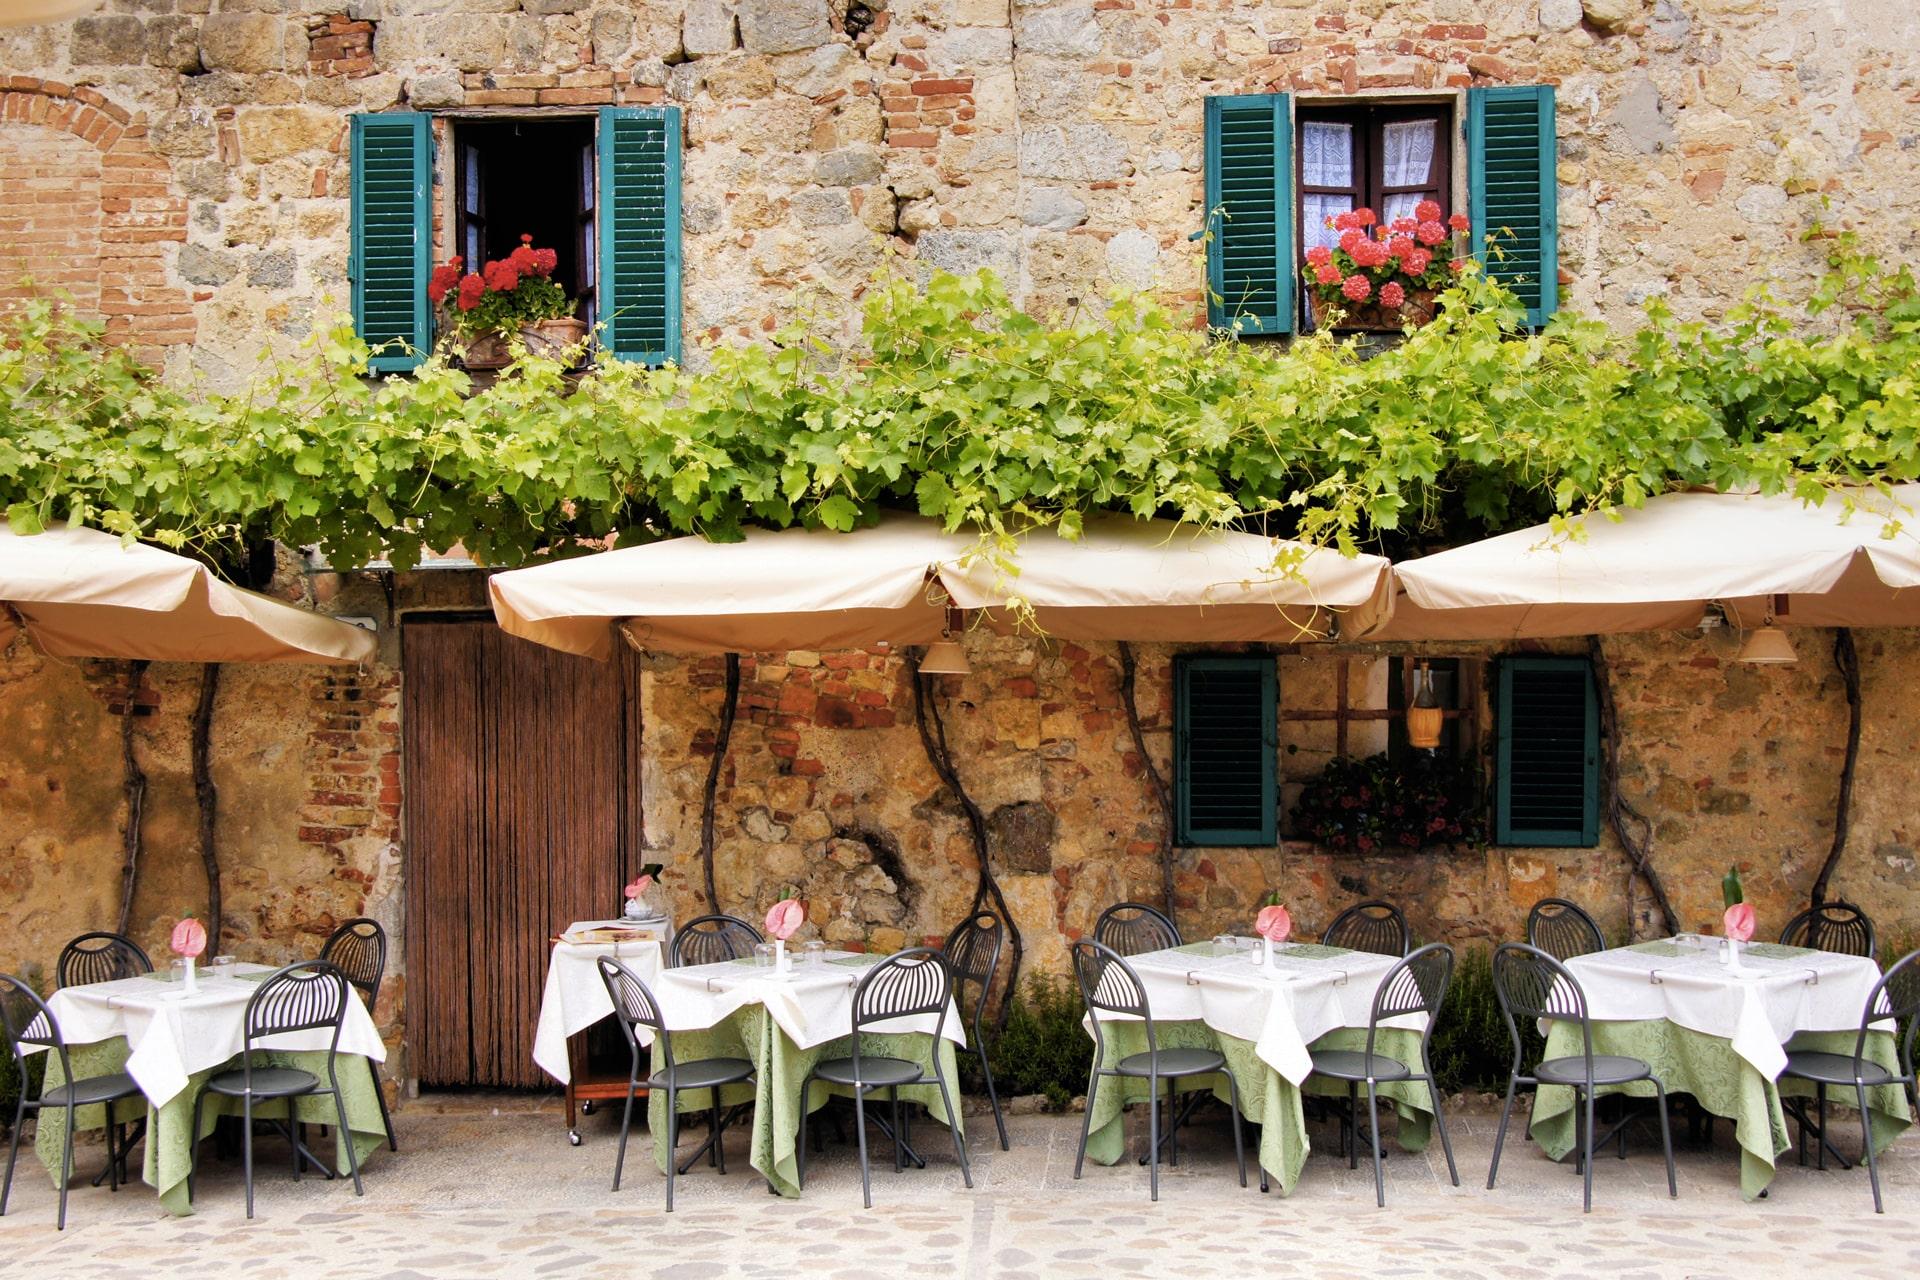 facciata di un ristorante tipico nei dintorni della toscano